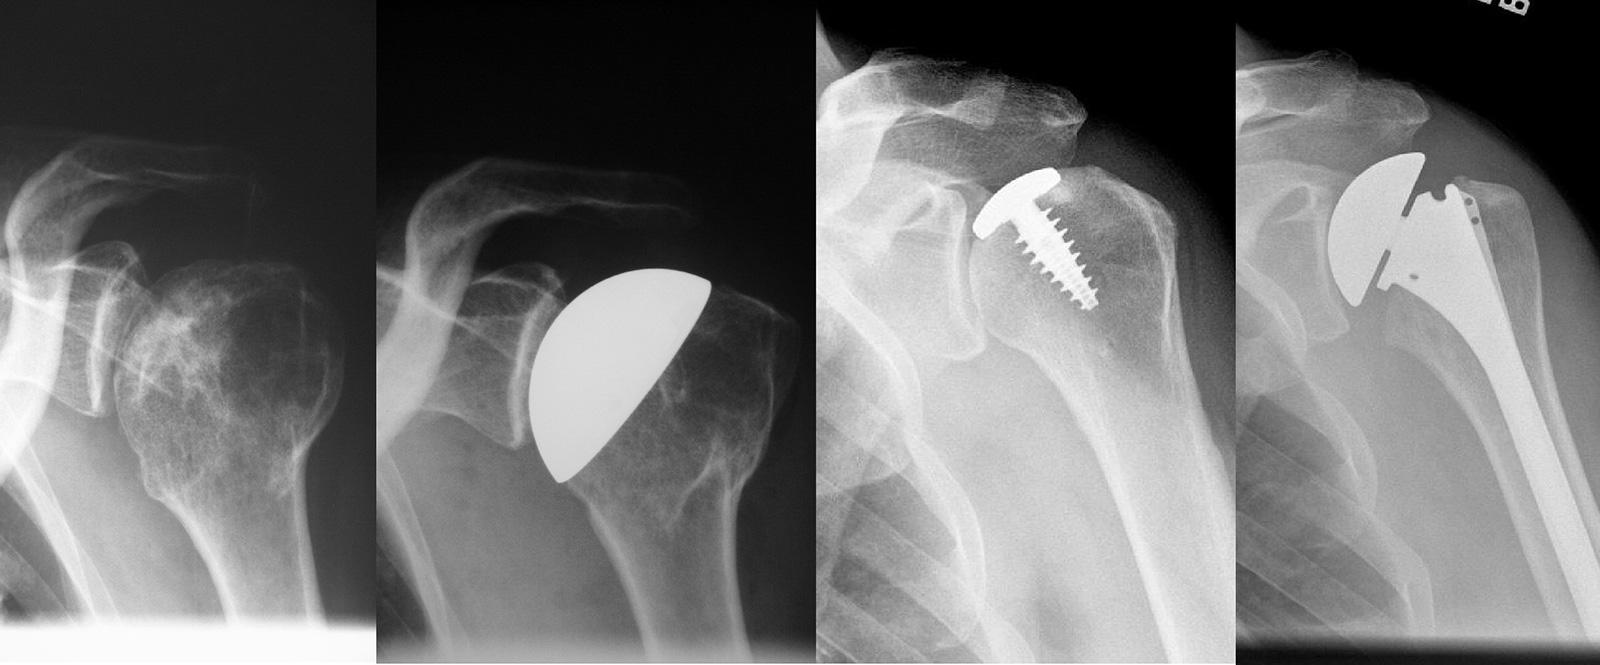 Abb. 1-60: Röntgenbild einer posttraumatische Arthrose (A). Die Therapie erfolgte mit einem Oberflächenersatz (B). Therapie eines traumatischen Knorpeldefekts mit einem partiellen Oberflächenersatz (C), der im Verlauf zu einer Hemiprothese (D) gewechselt